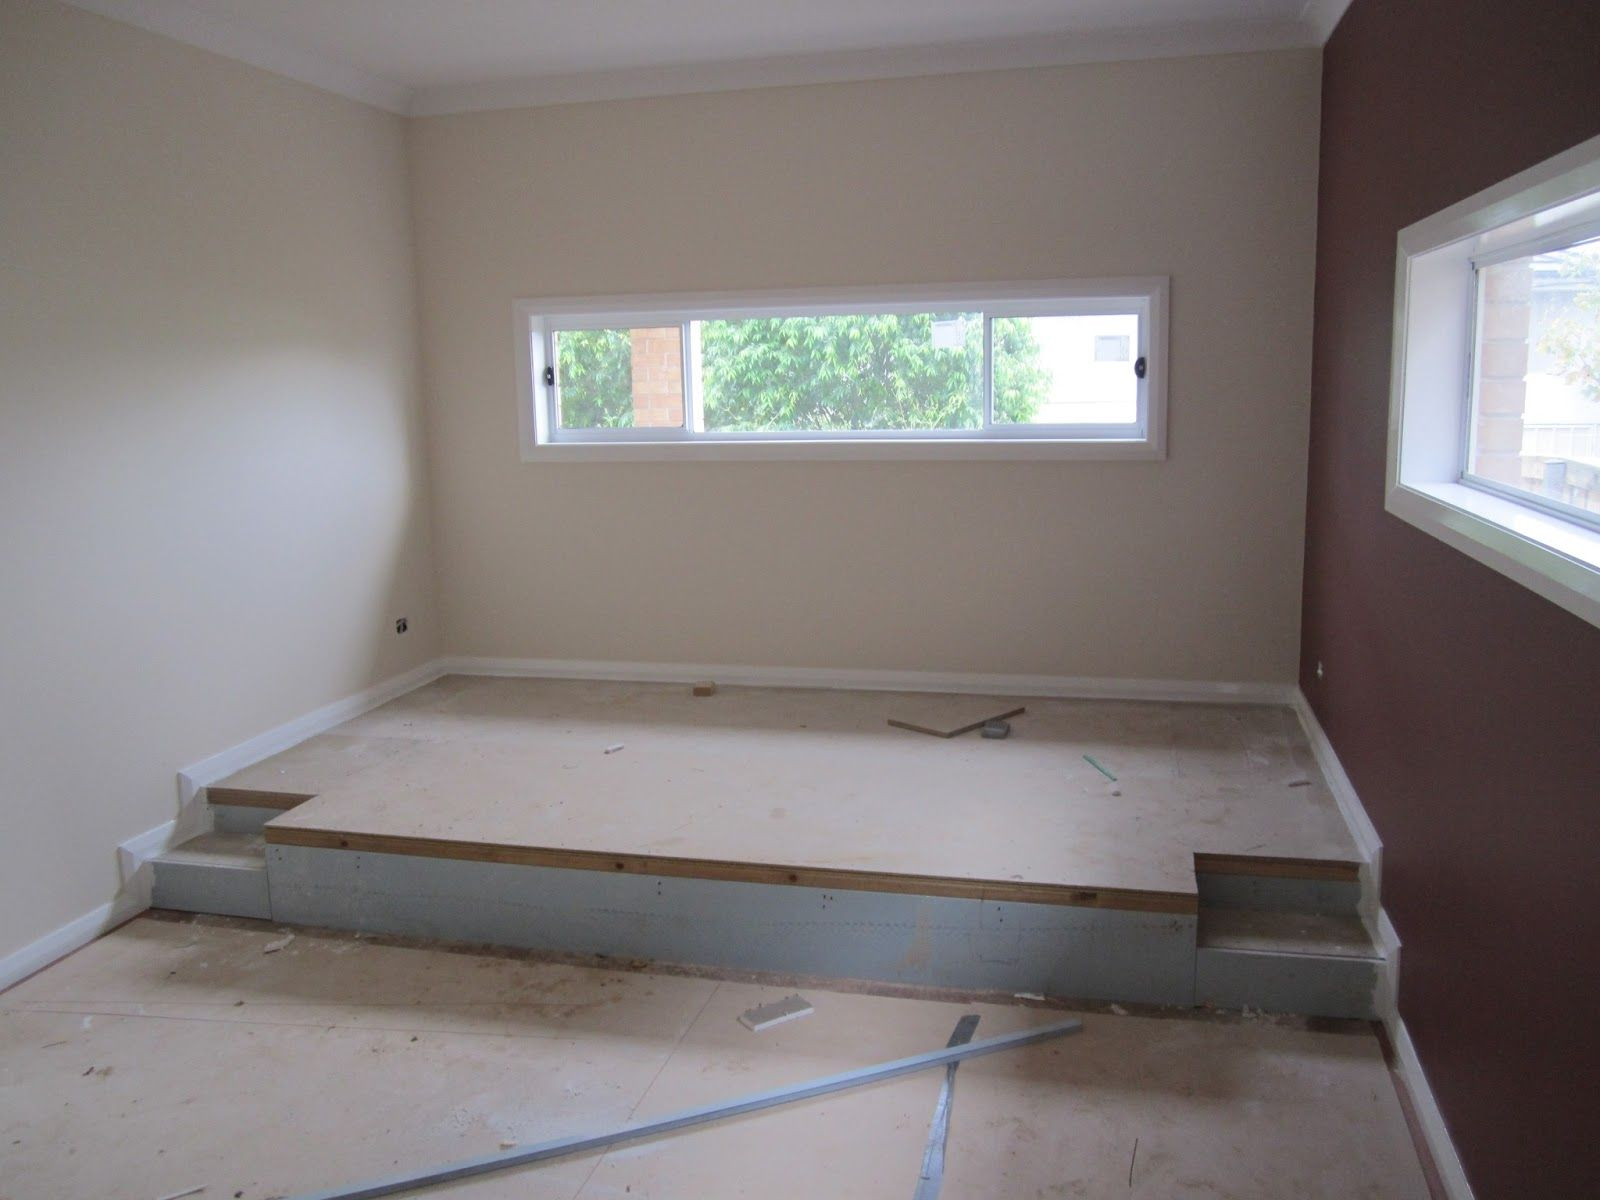 Raised Platform For Bed Mattress Room Kids Bed Design Raised Platform Bed